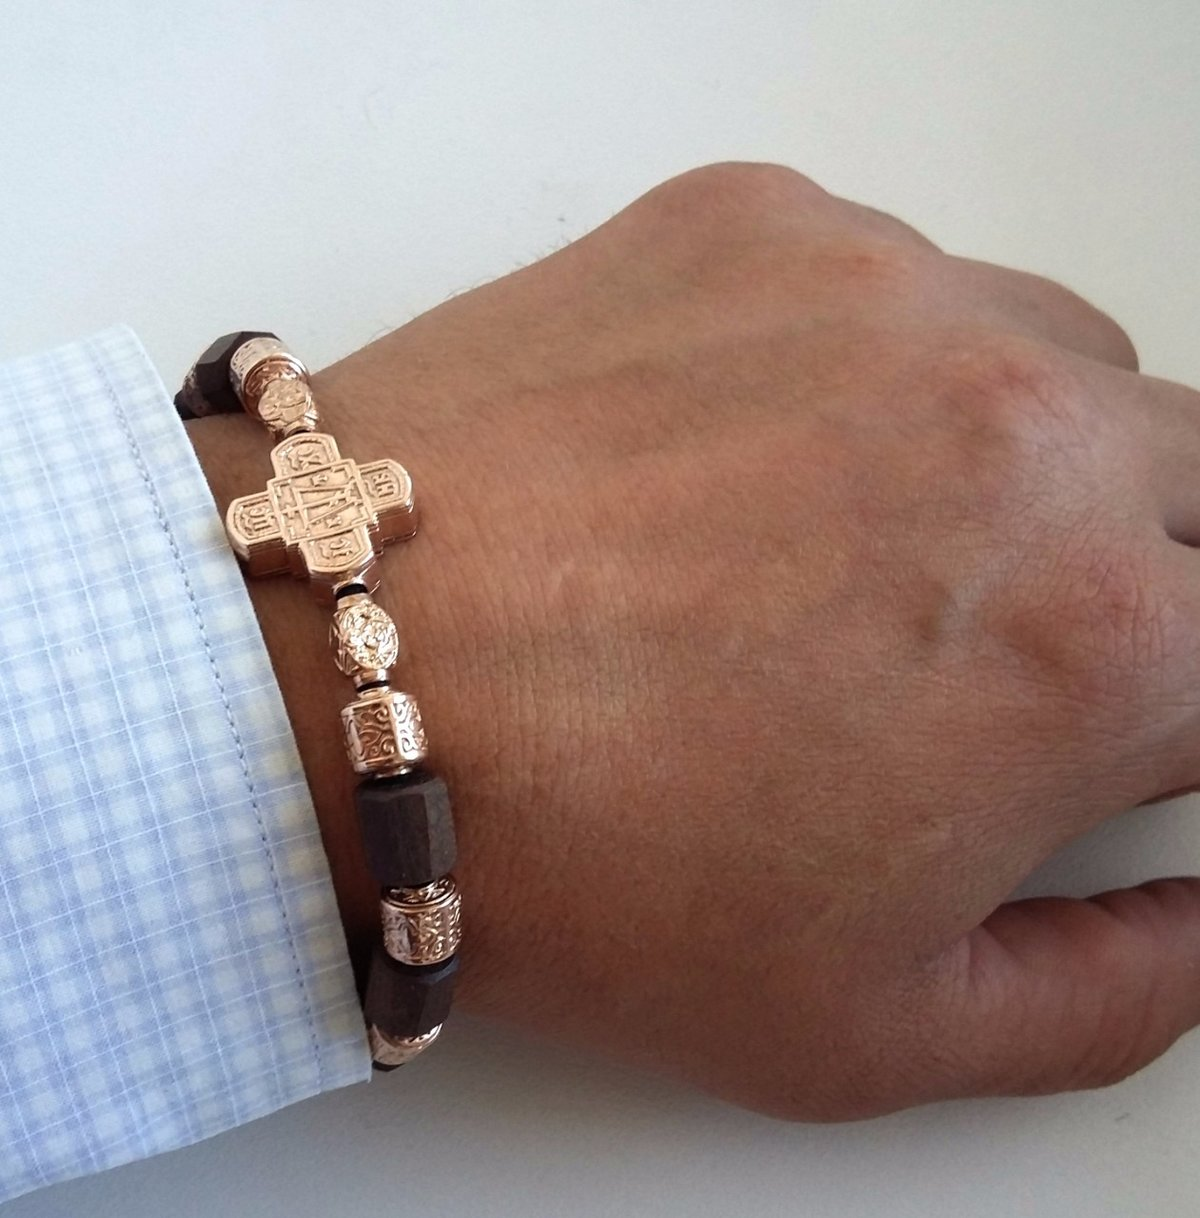 мужские браслеты из золота на руку фото домашних питомцев